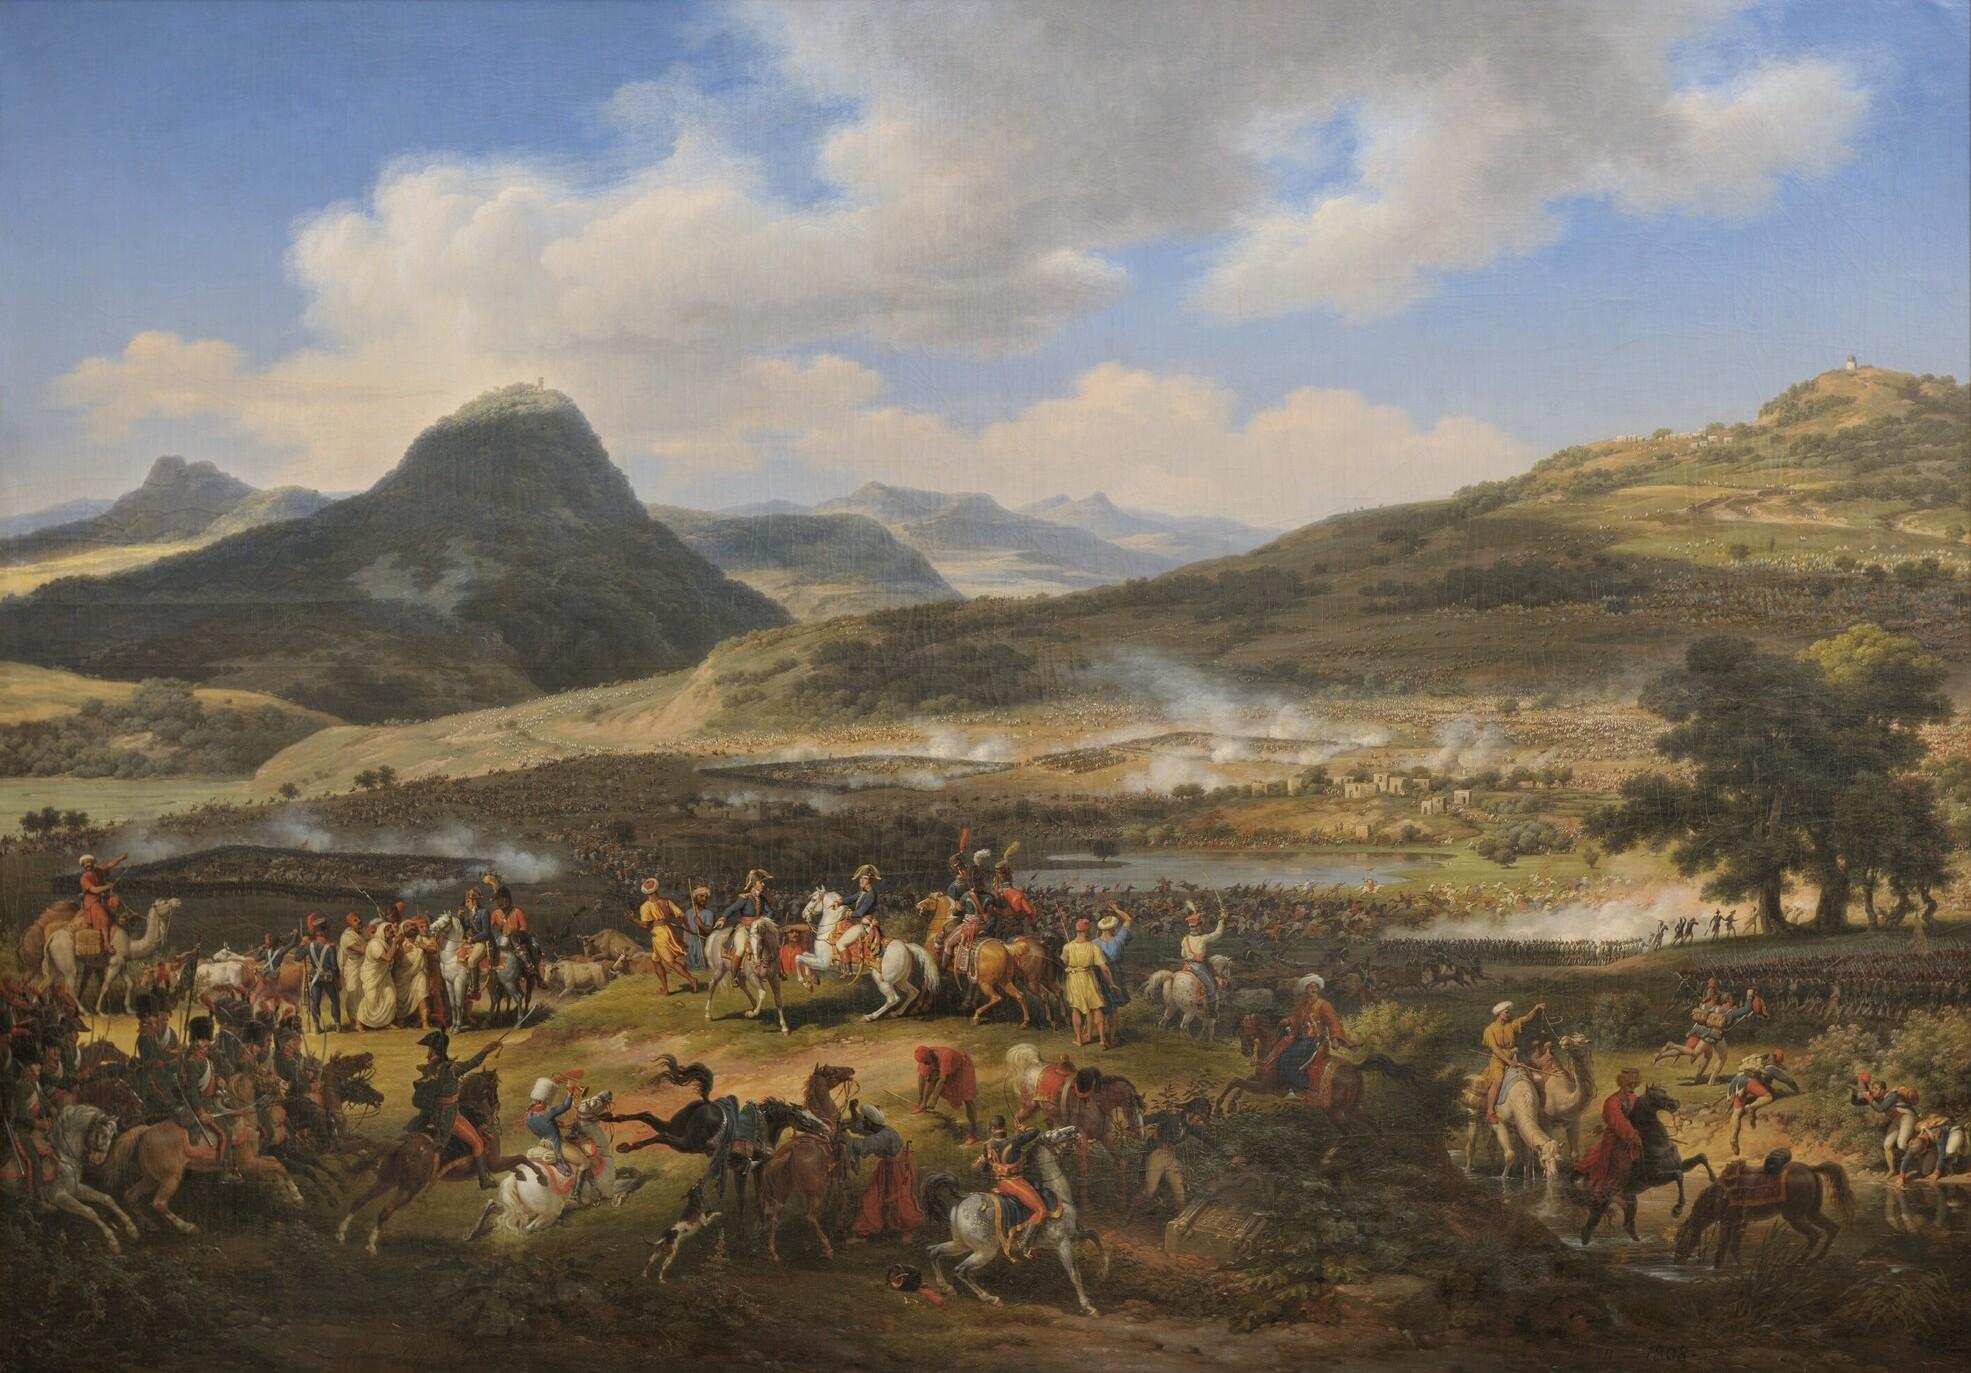 上图:描绘1799年4月16日拿破仑他泊山战役(Battle of Mount Tabor)油画。拿破仑在远征埃及时,4千法军在他泊山下的耶斯列平原阻击奥斯曼土耳其援军3万千人,最终取胜。当时基顺河平原也泛滥,一些土耳其人在逃跑时淹死。